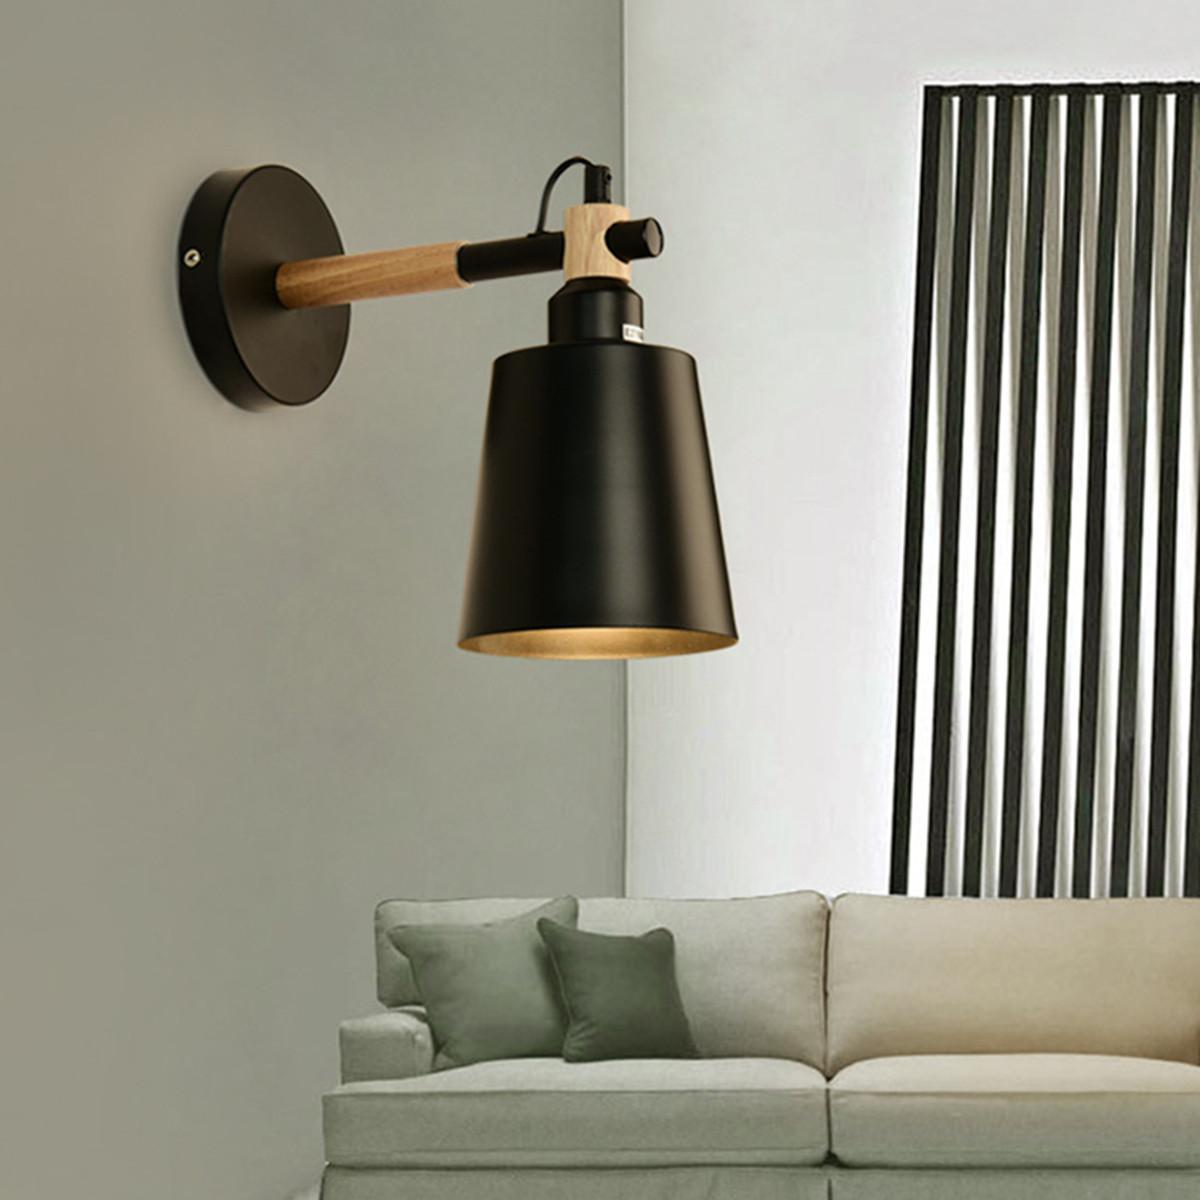 Retro-Vintage-Industrielle-Applique-Eclairage-Lampe-Luminaire-Mural-Abat-jour